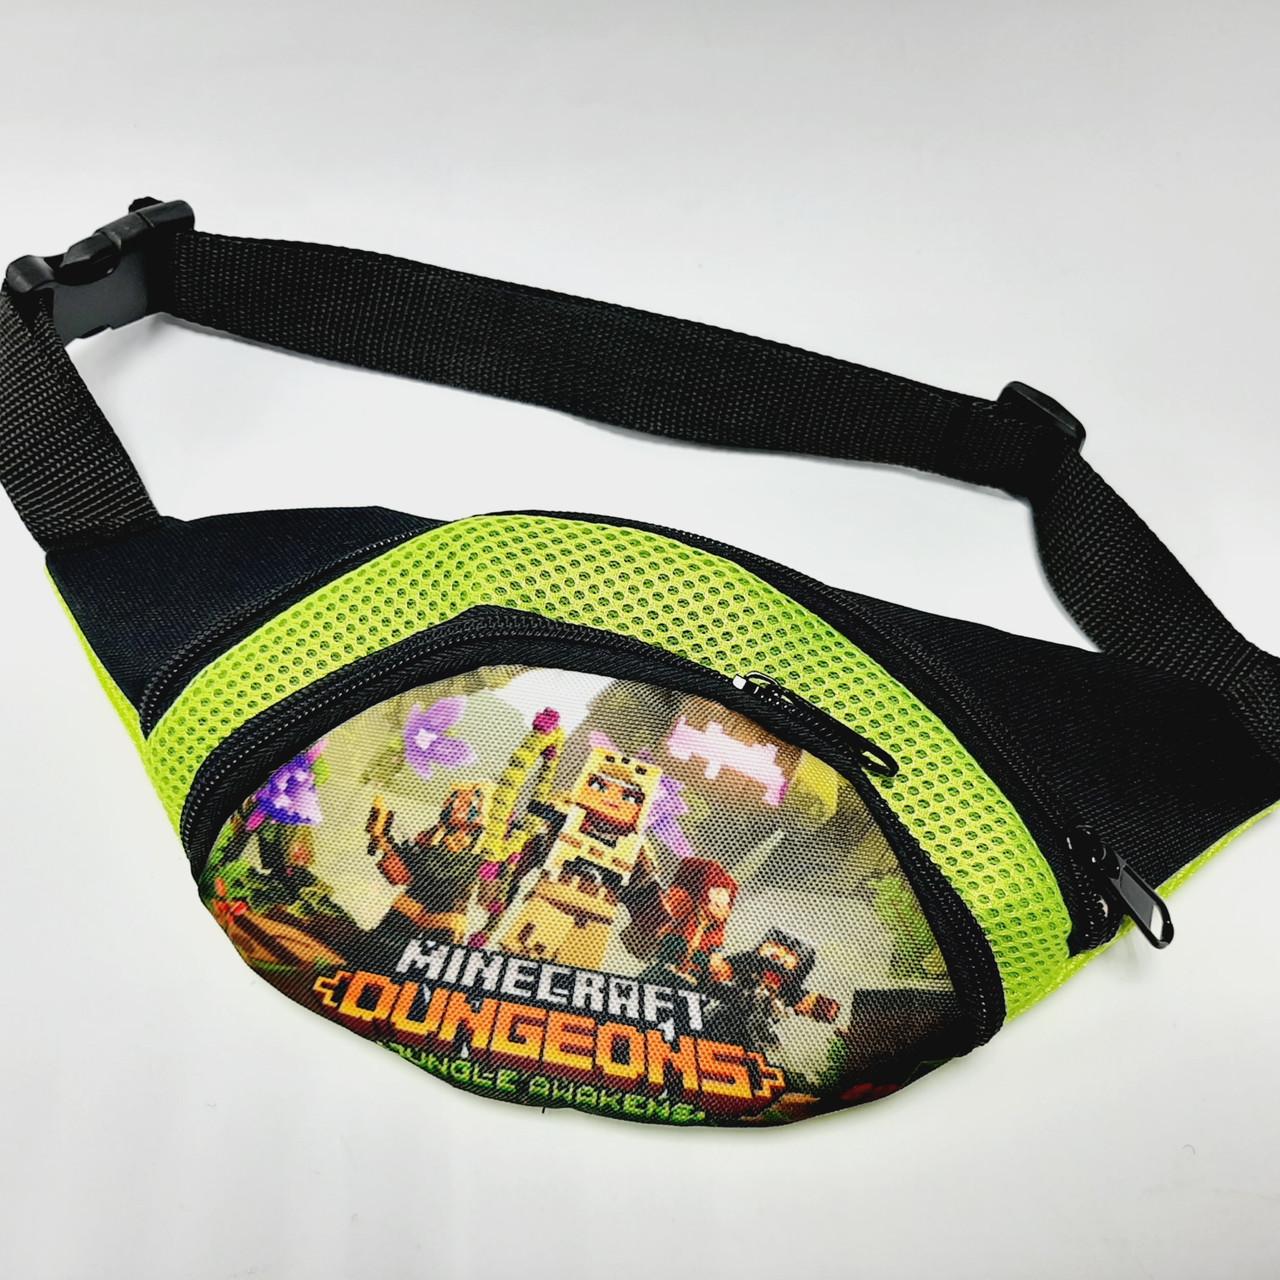 Поясная детская сумка бананка Minekraft